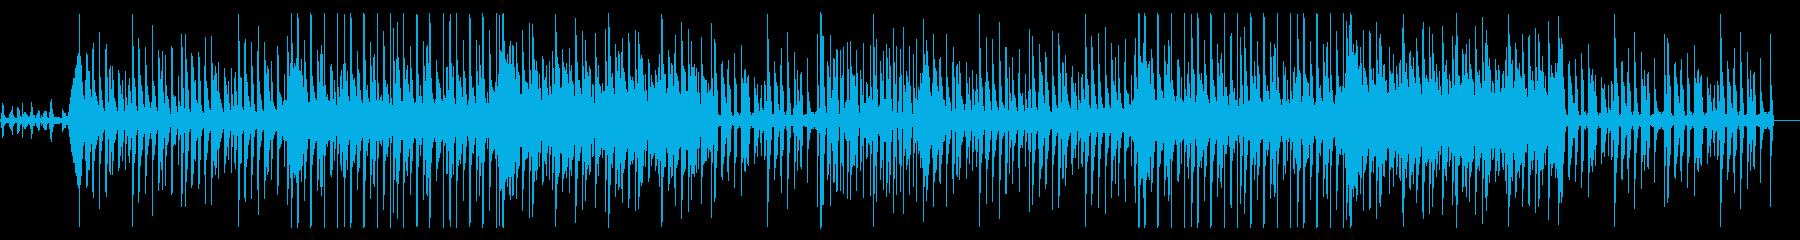 不思議テイストのBGM風エレクトロ楽曲の再生済みの波形